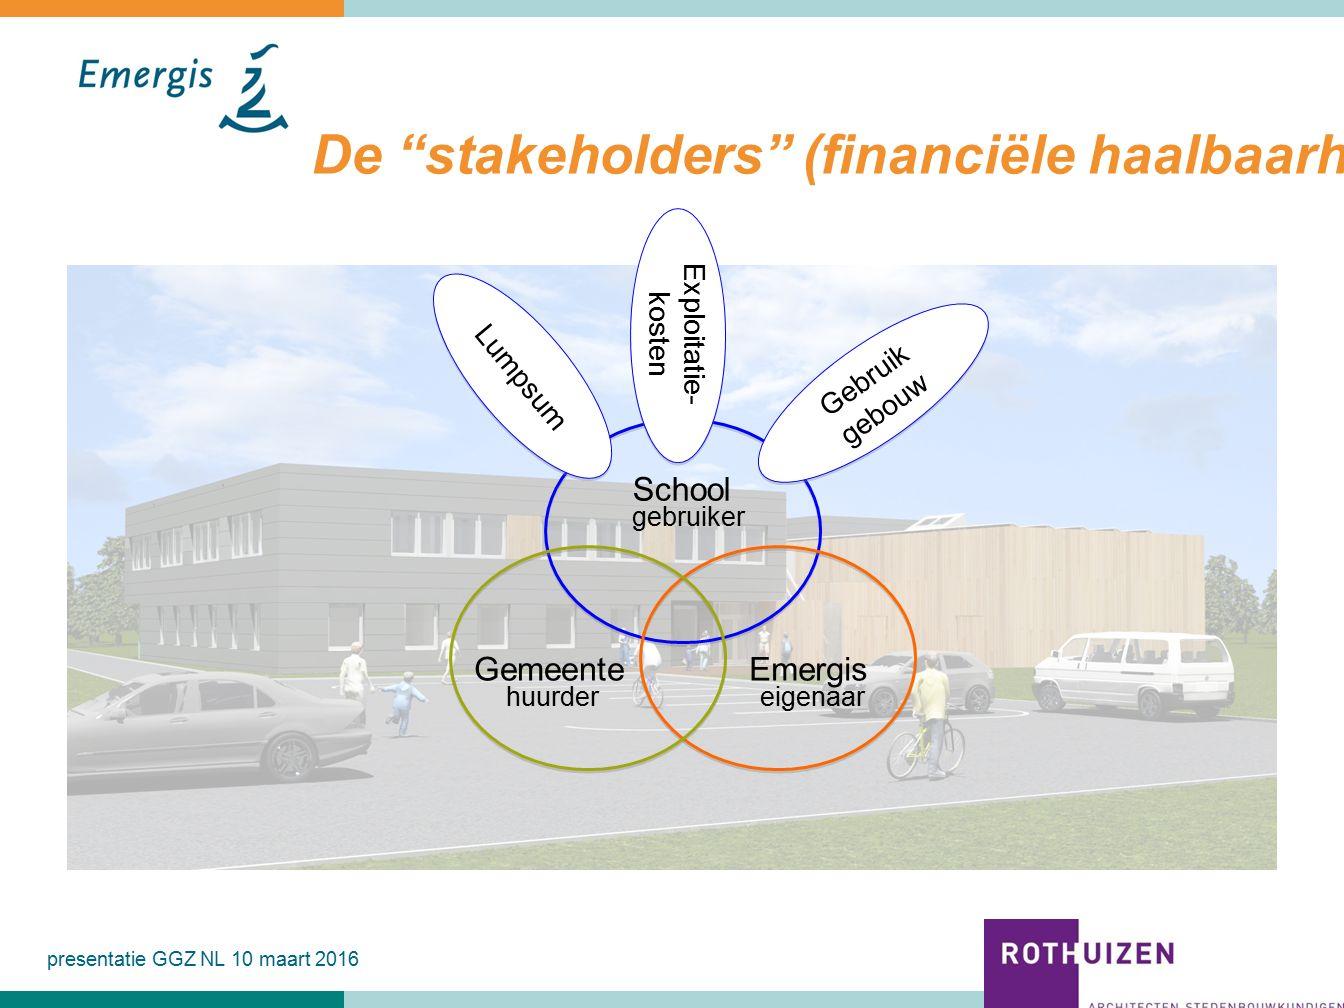 7 EmergisGemeente School eigenaarhuurder gebruiker Lumpsum Exploitatie- kosten Gebruik gebouw De stakeholders (financiële haalbaarheid) presentatie GGZ NL 10 maart 2016